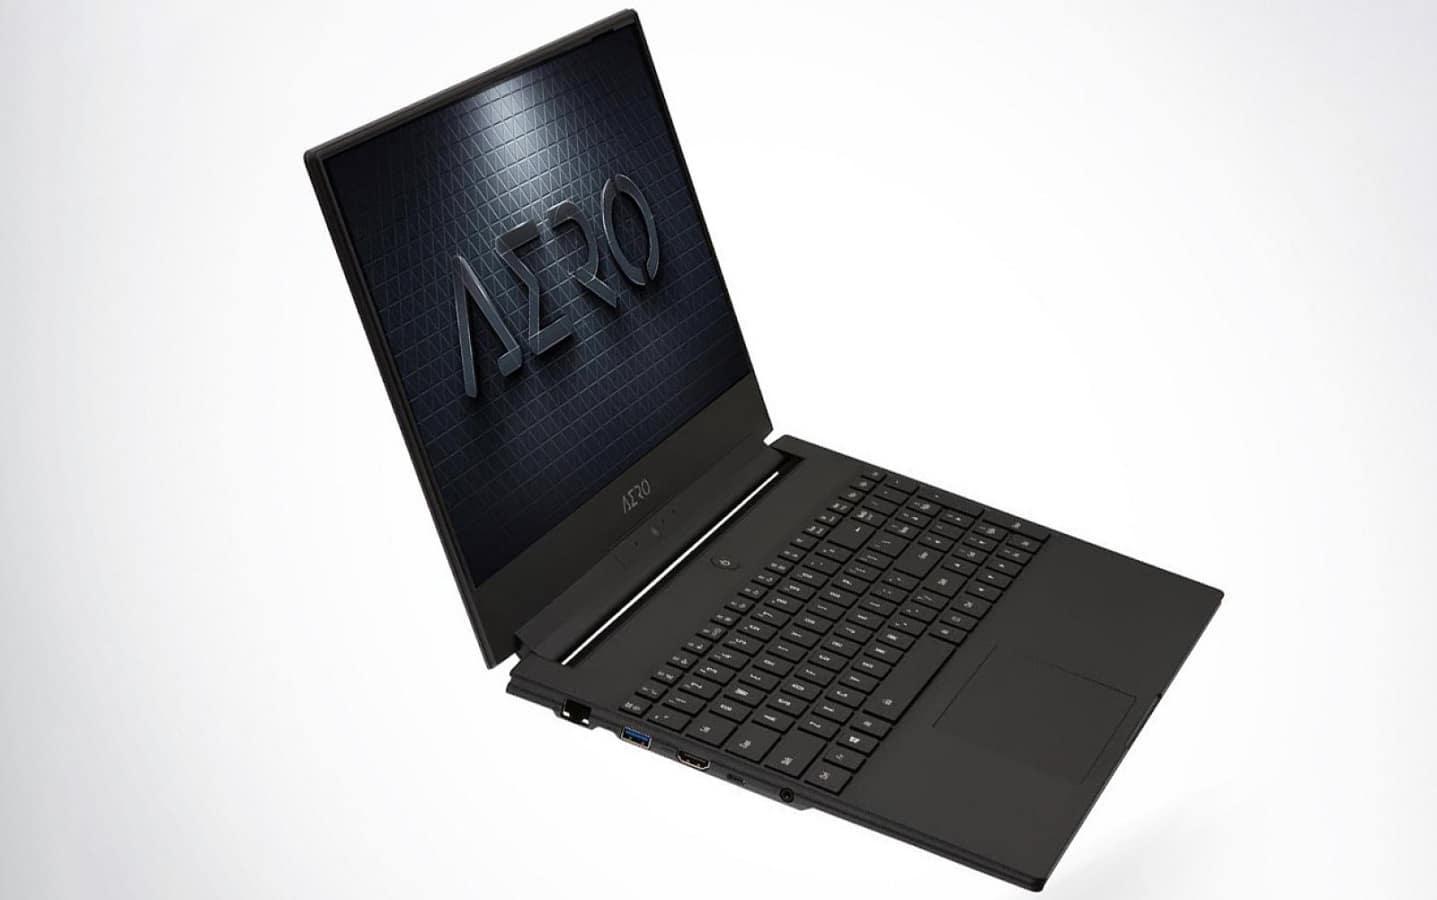 gigabyte aero laptop with ai on grey background